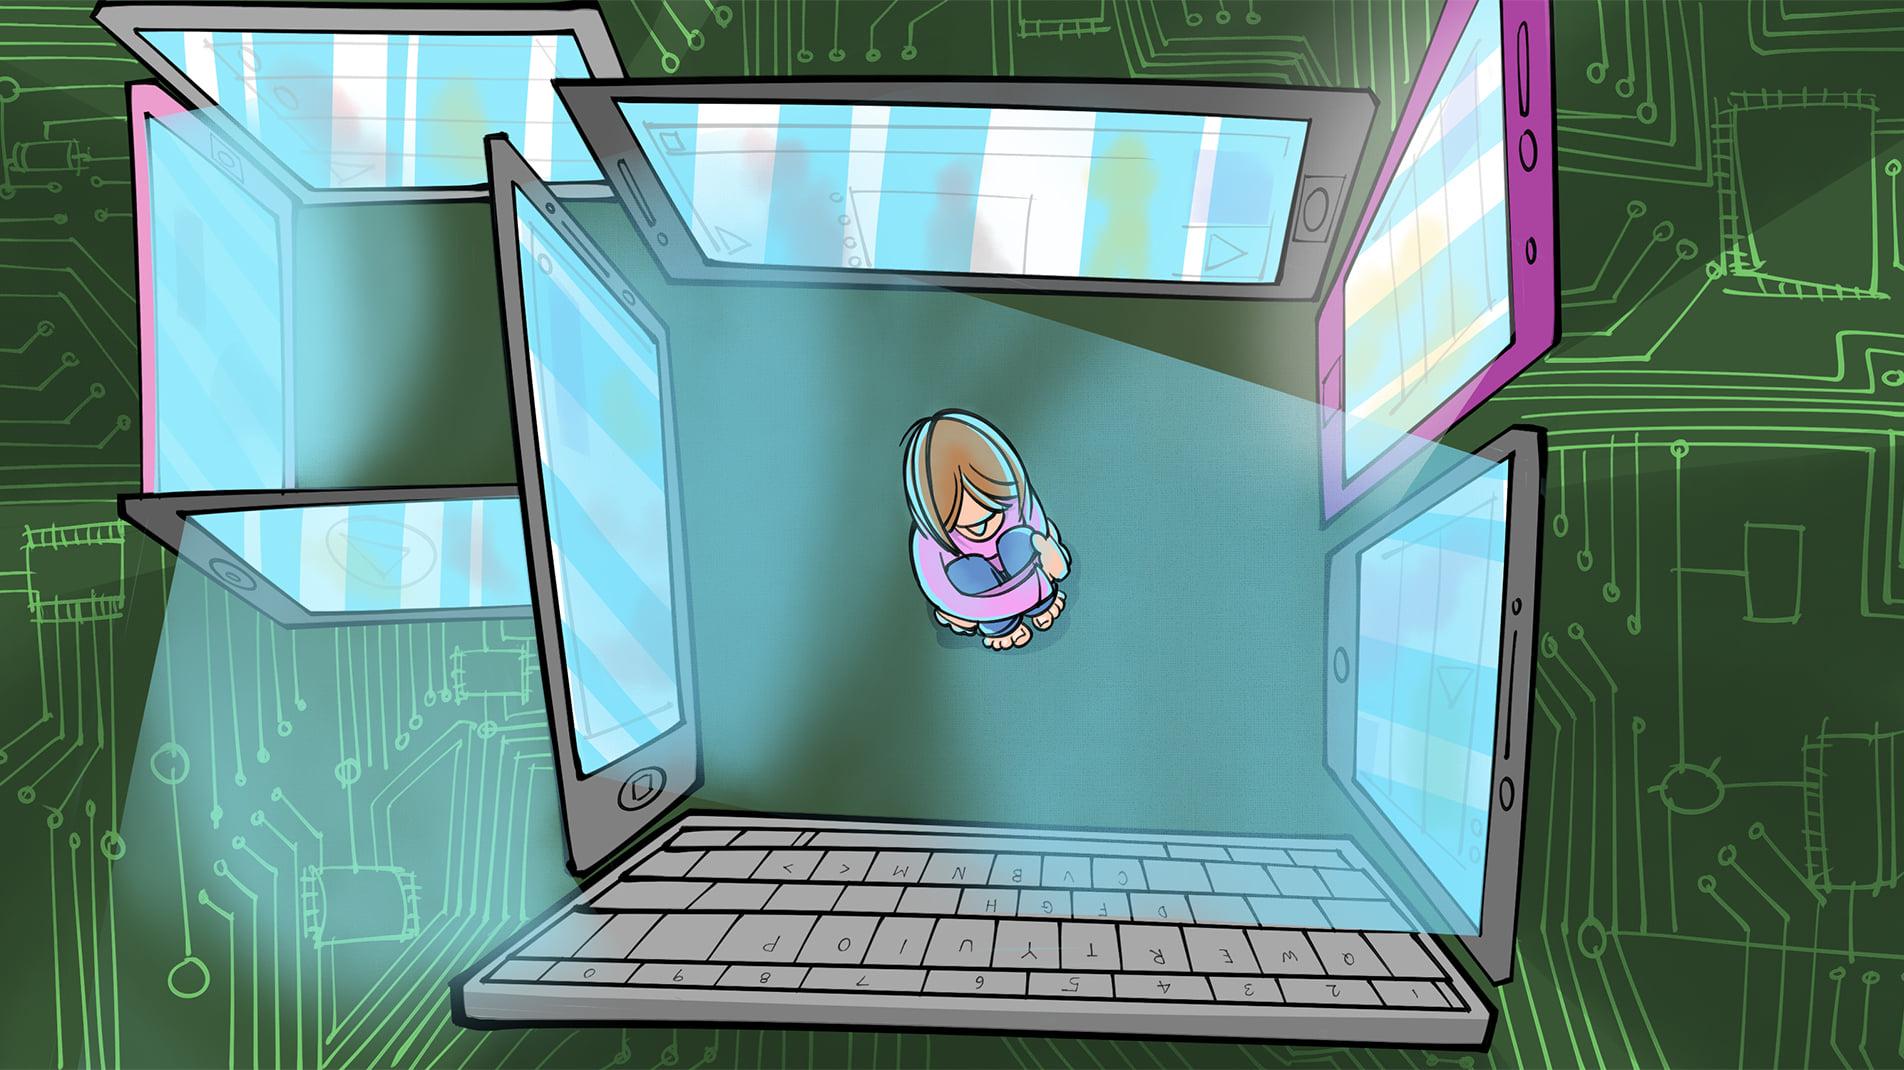 Cătălin Sturza: Omenirii nu-i va lua mai mult de câteva minute să se întoarcă la obiceiurile și dependențele înrădăcinate din social media